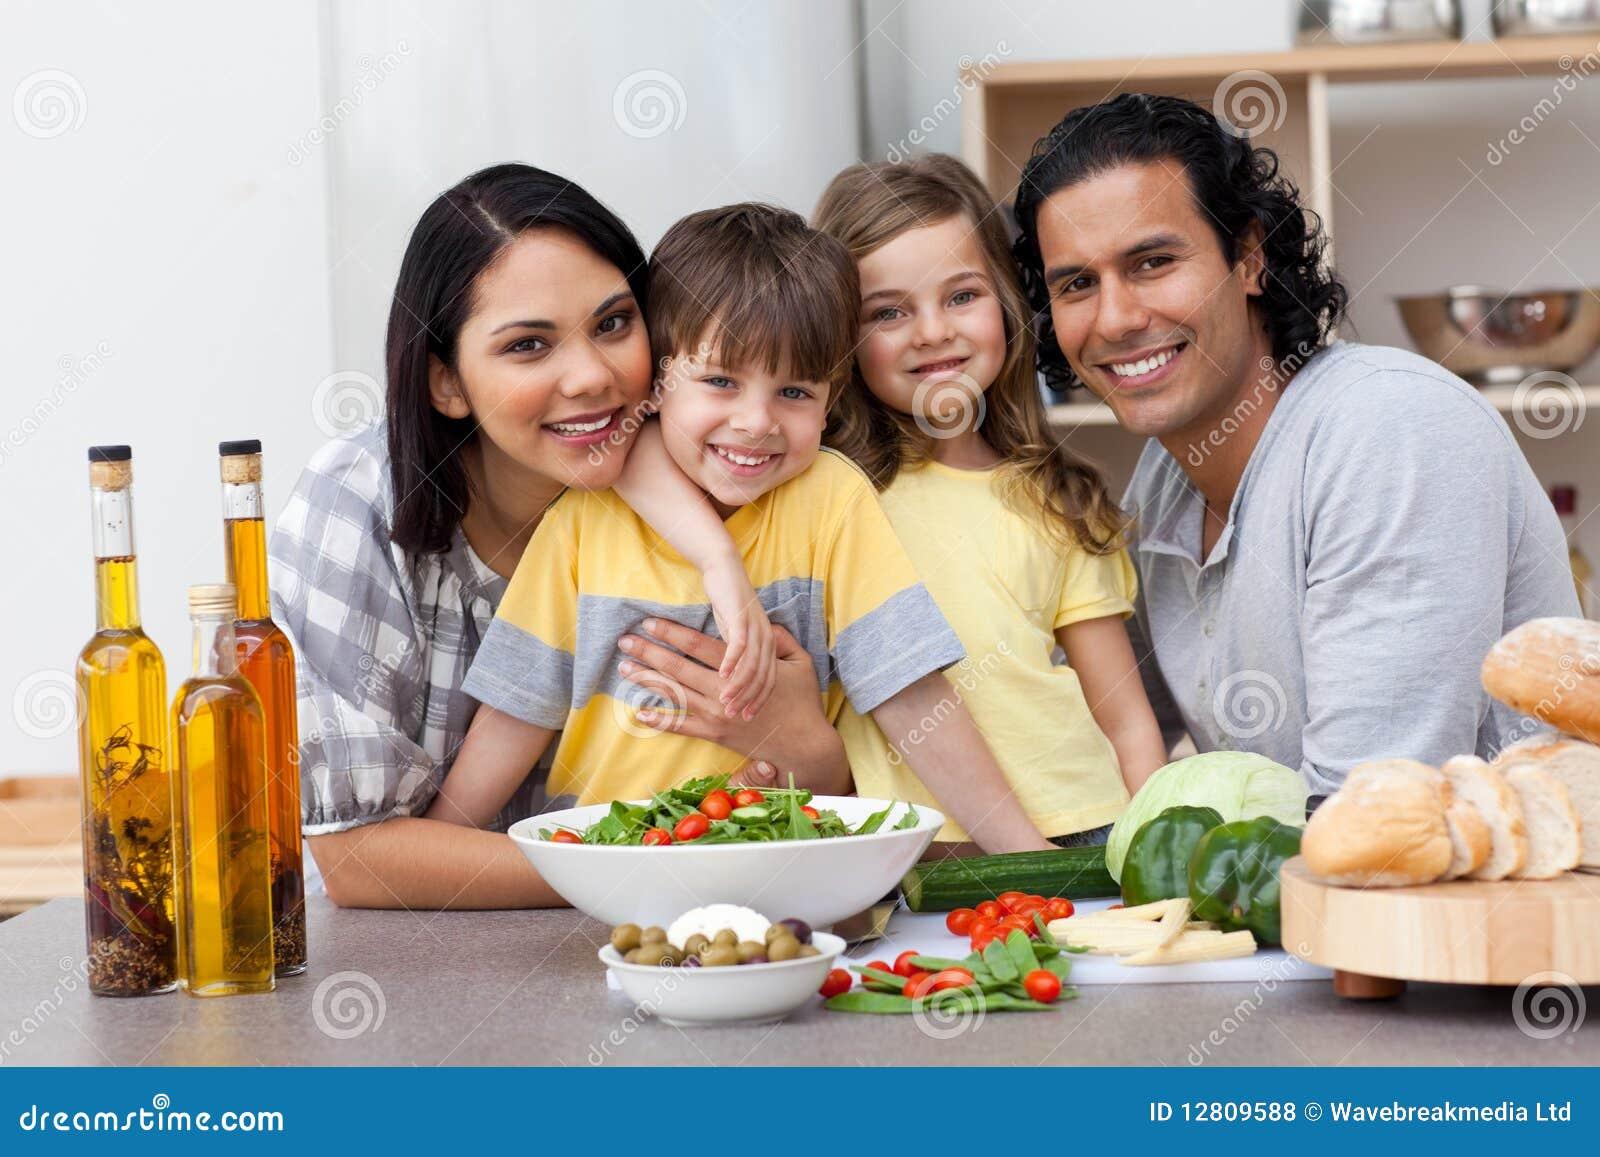 Retrato de uma família na cozinha